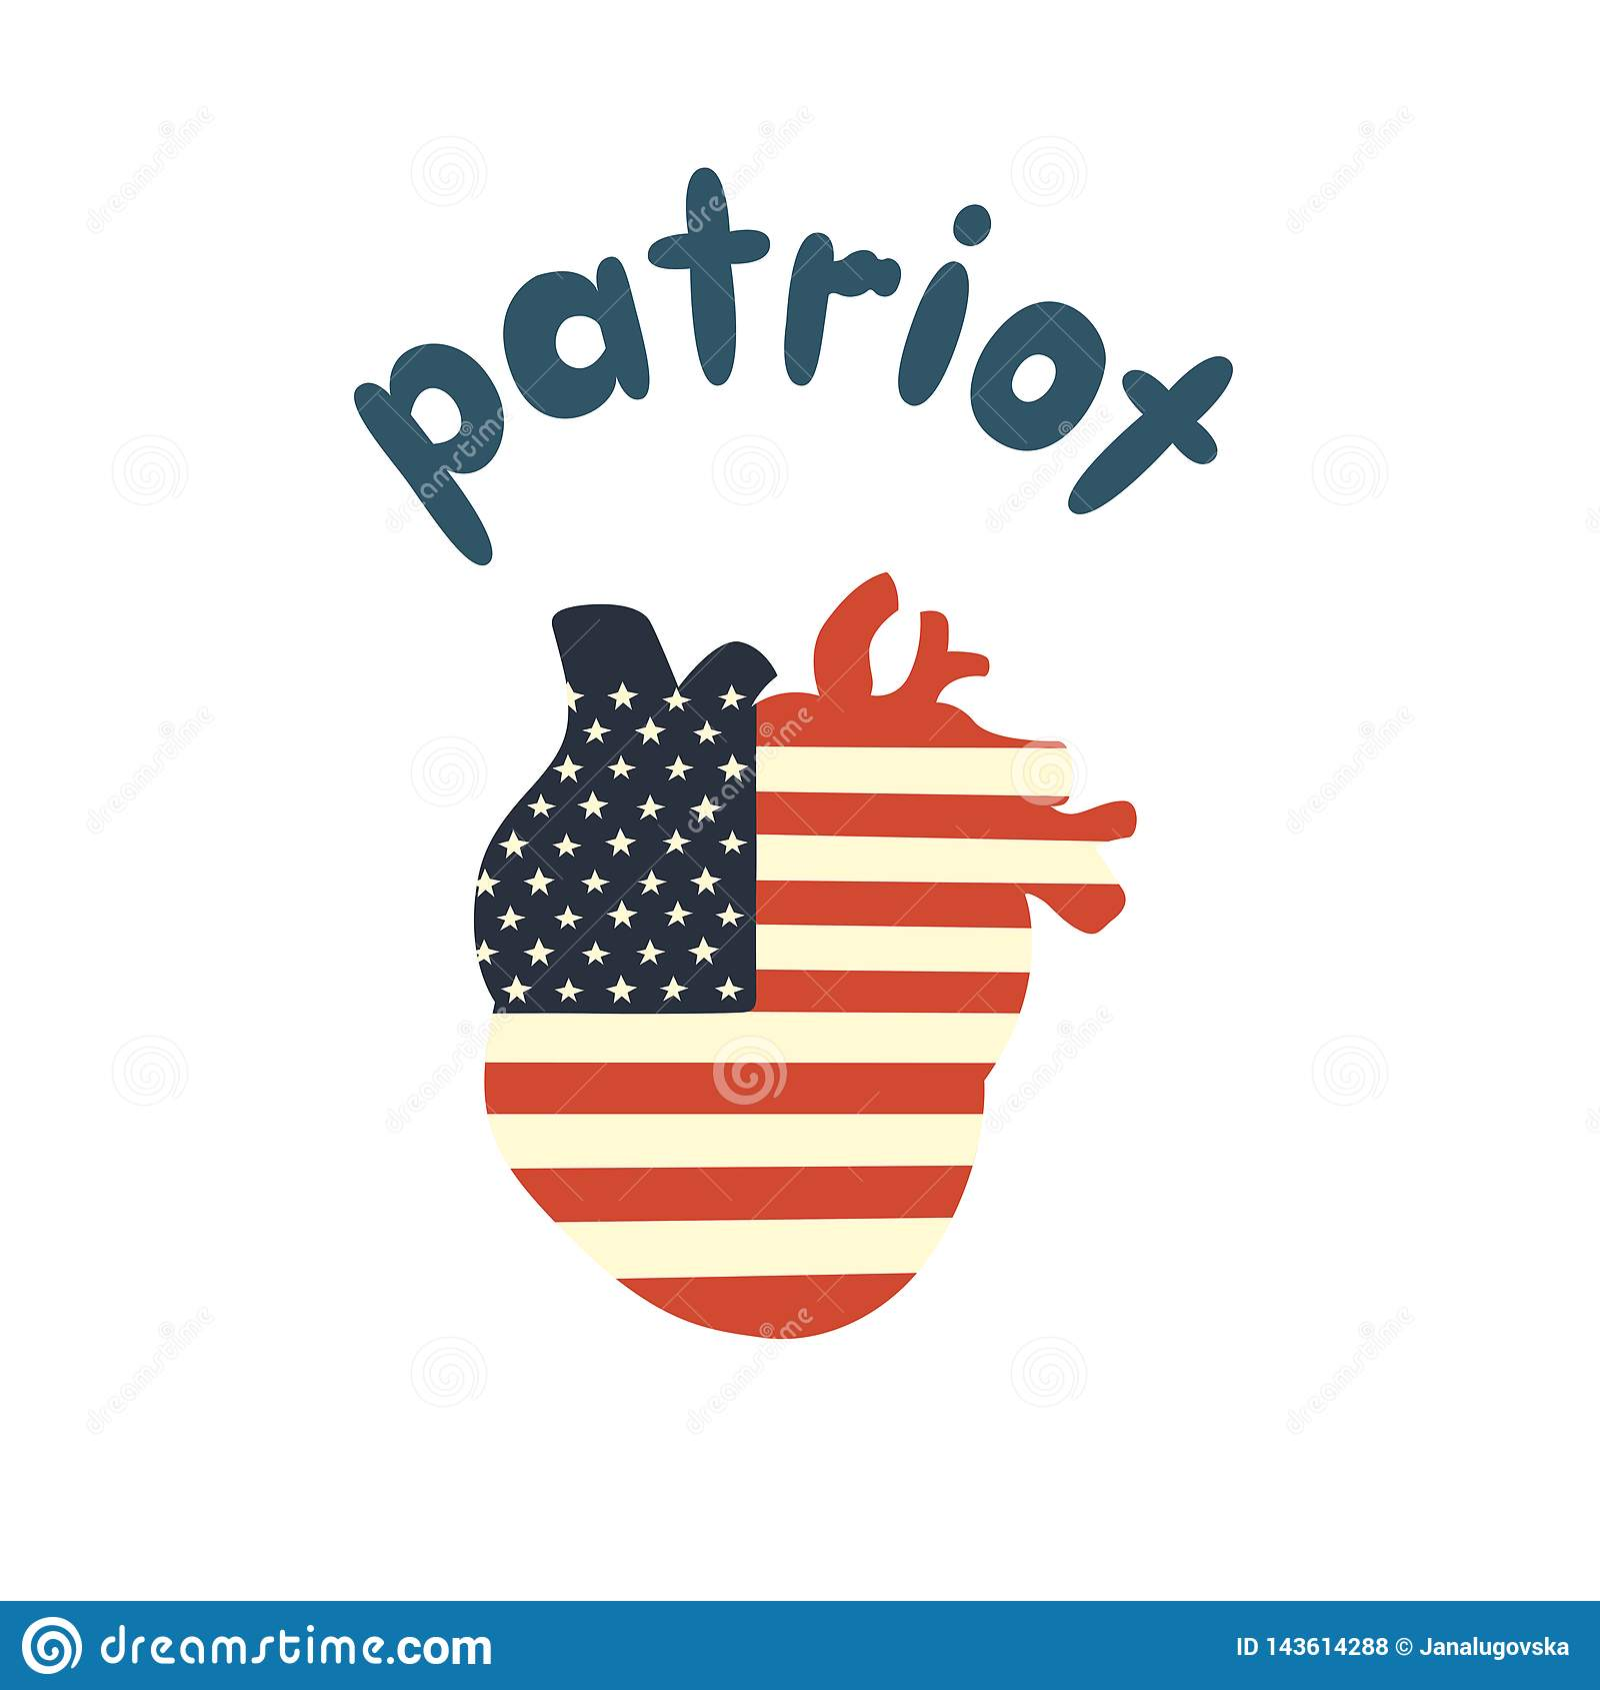 Η ανθρώπινη καρδιά είναι χρωματισμένη στα χρώματα της σημαίας των ΗΠΑ